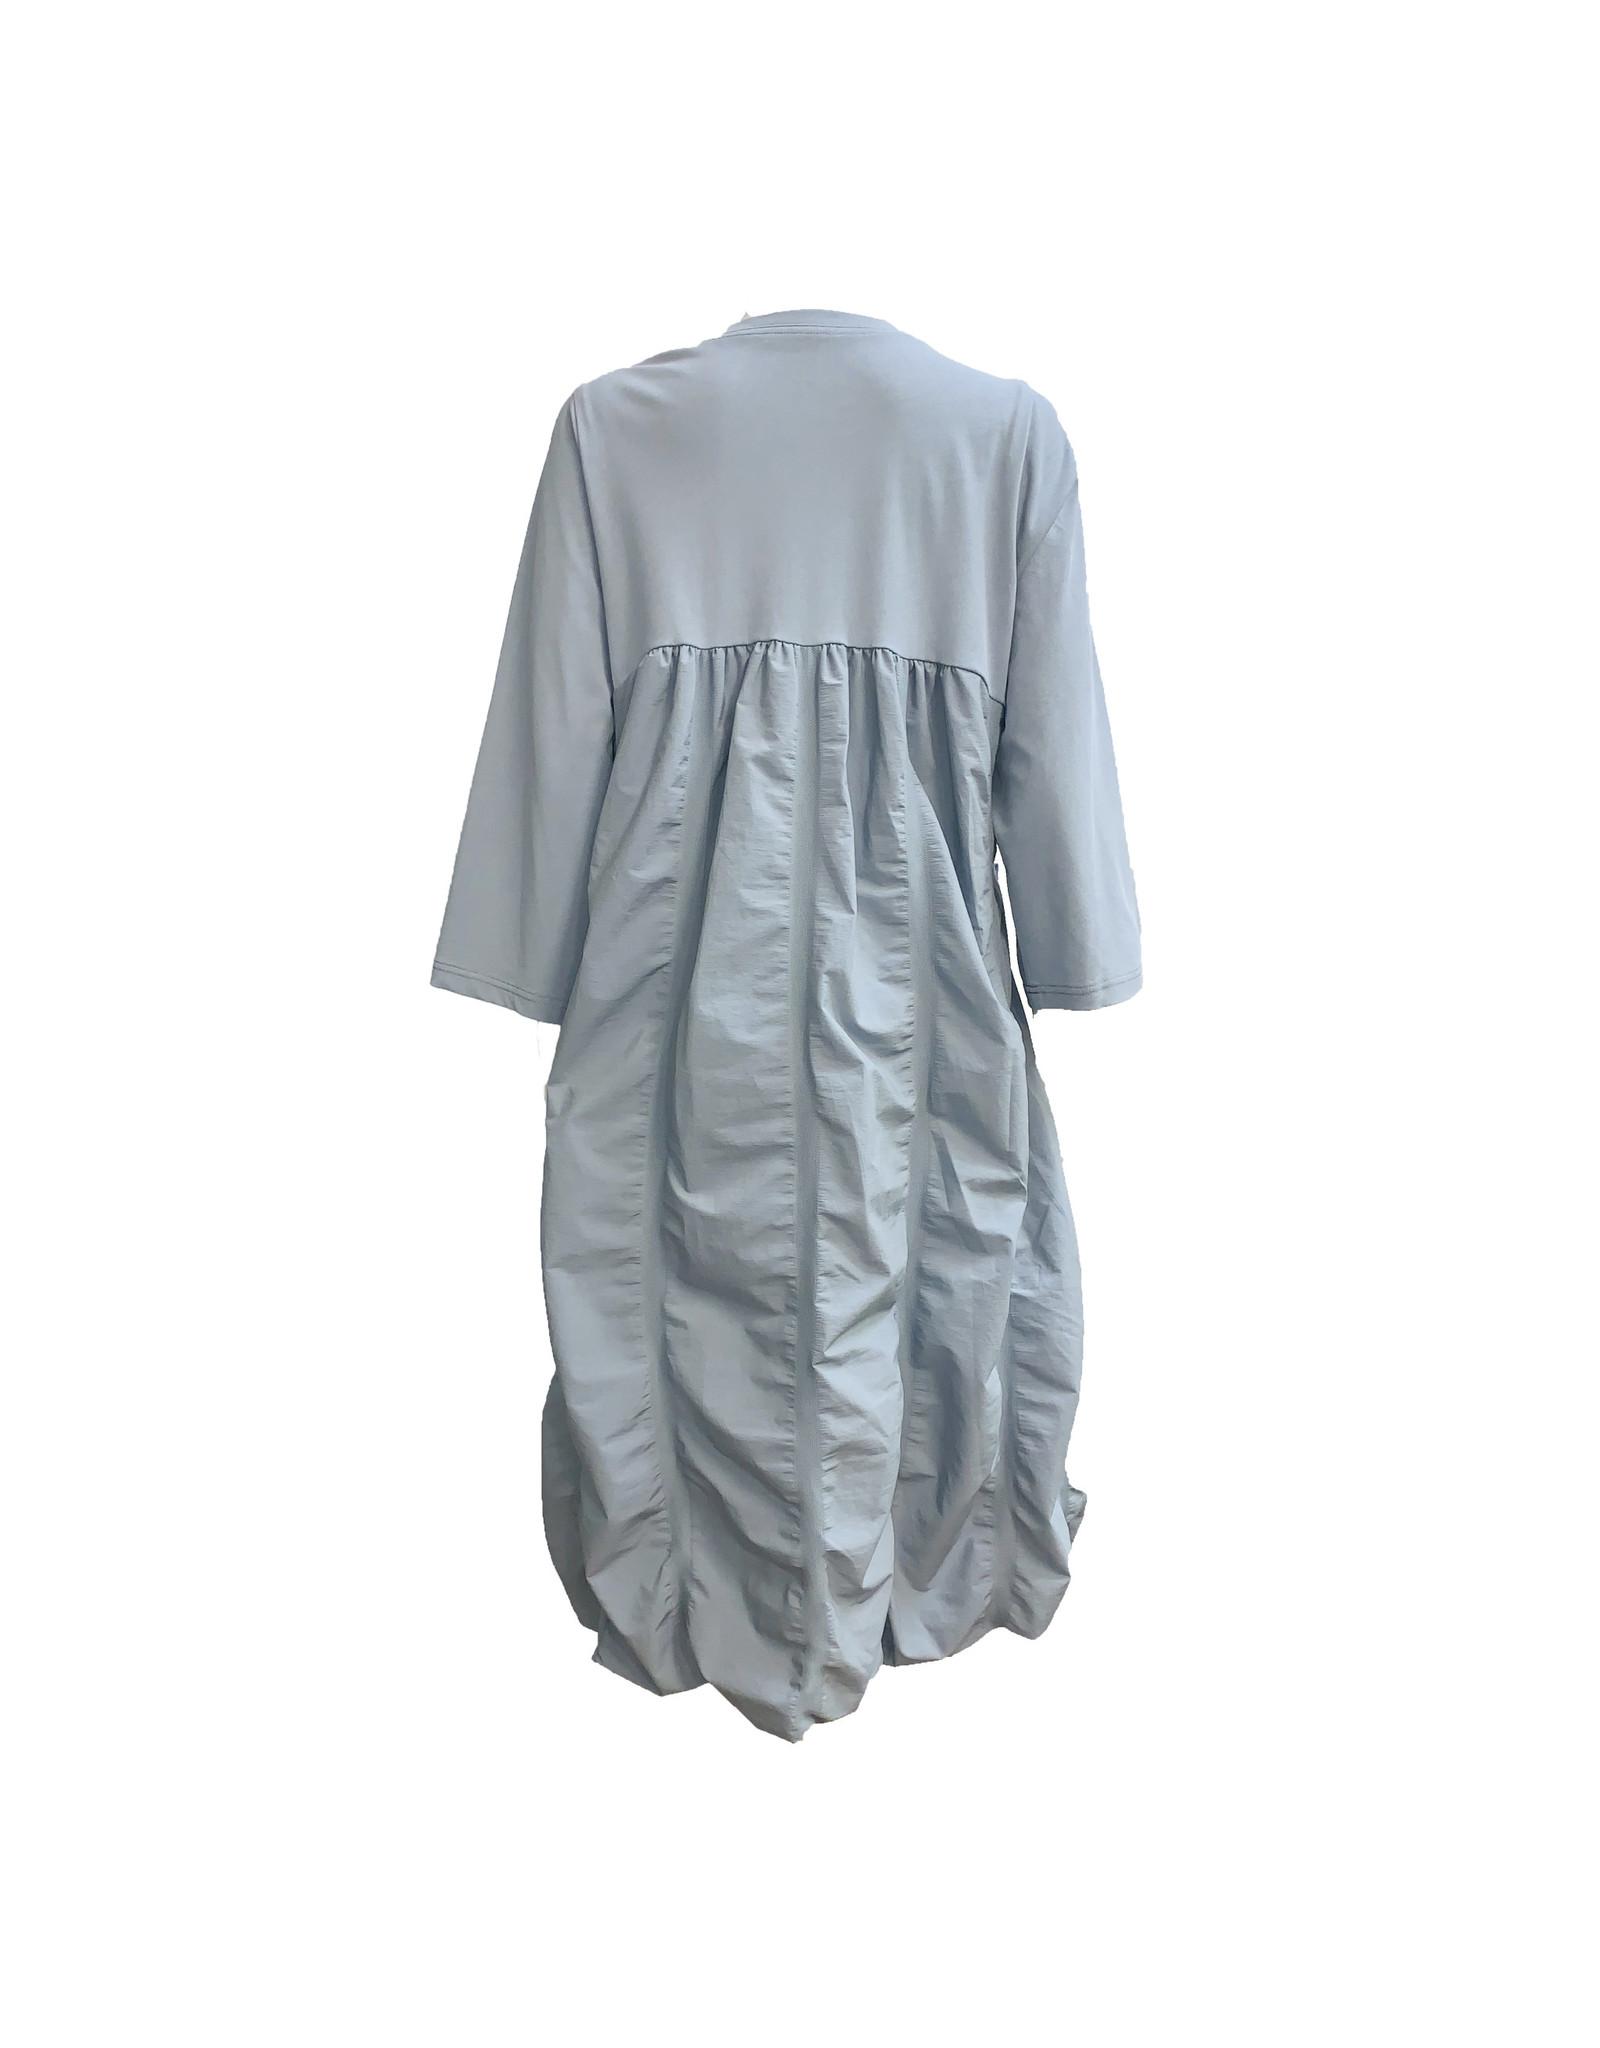 Yoshi Yoshi Yoshi Yoshi Long Sleeve Dress-Blue